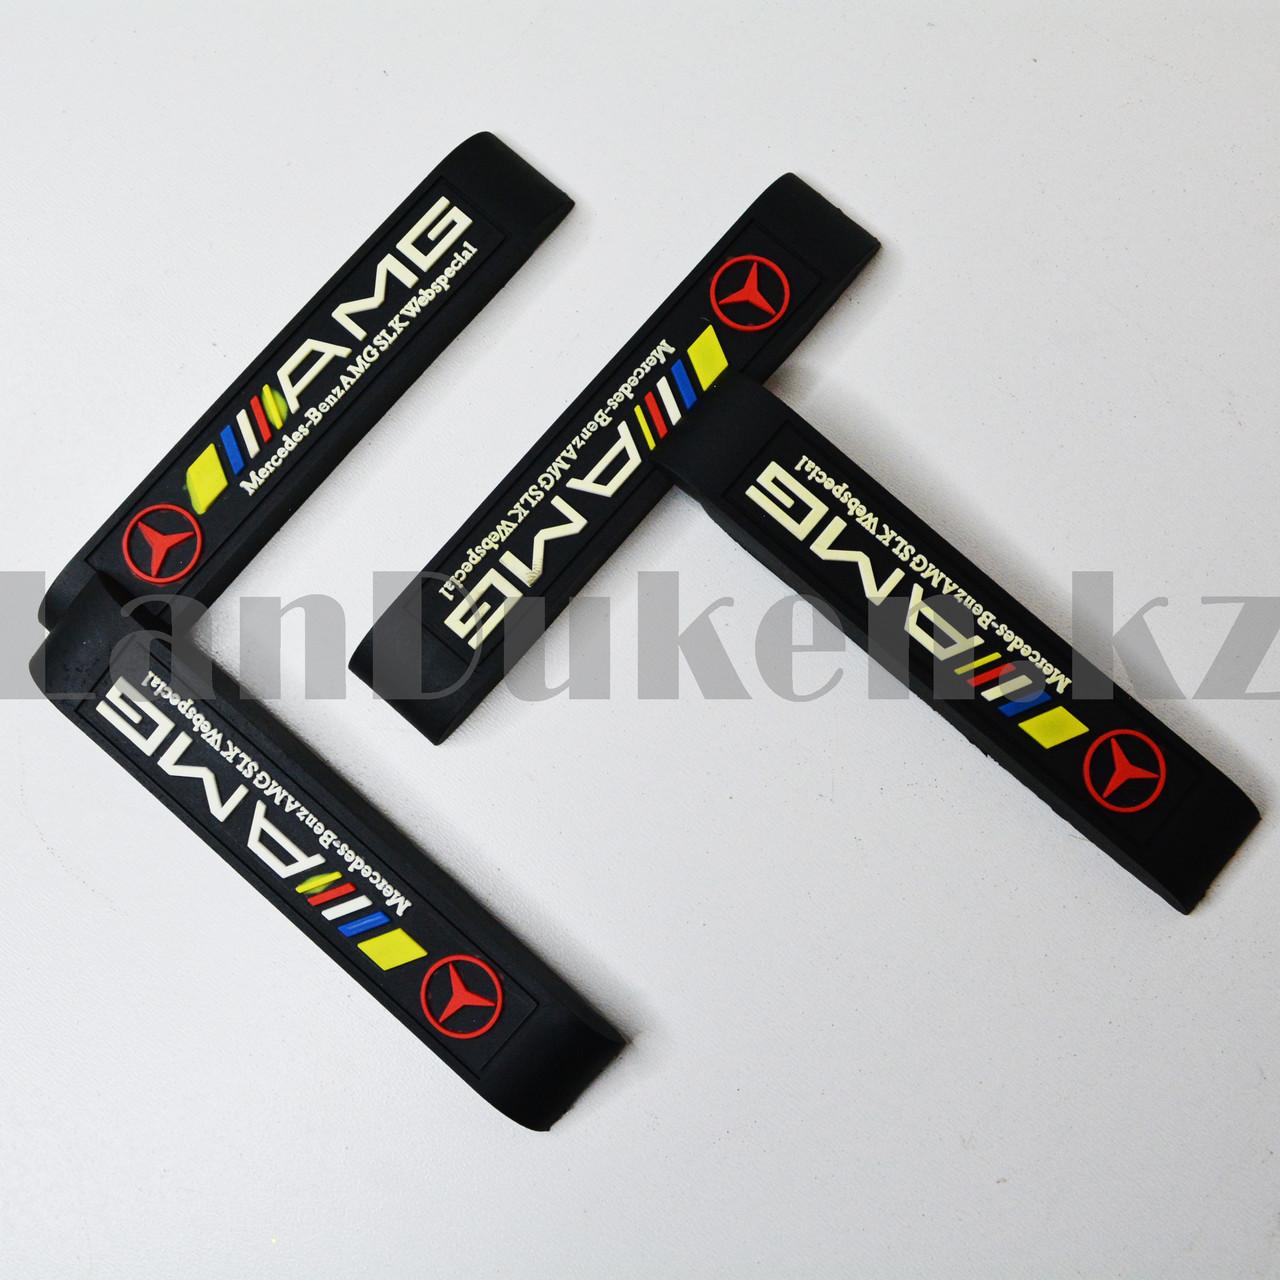 Накладки защитные на двери машины Fouring Black Label AMG - фото 5